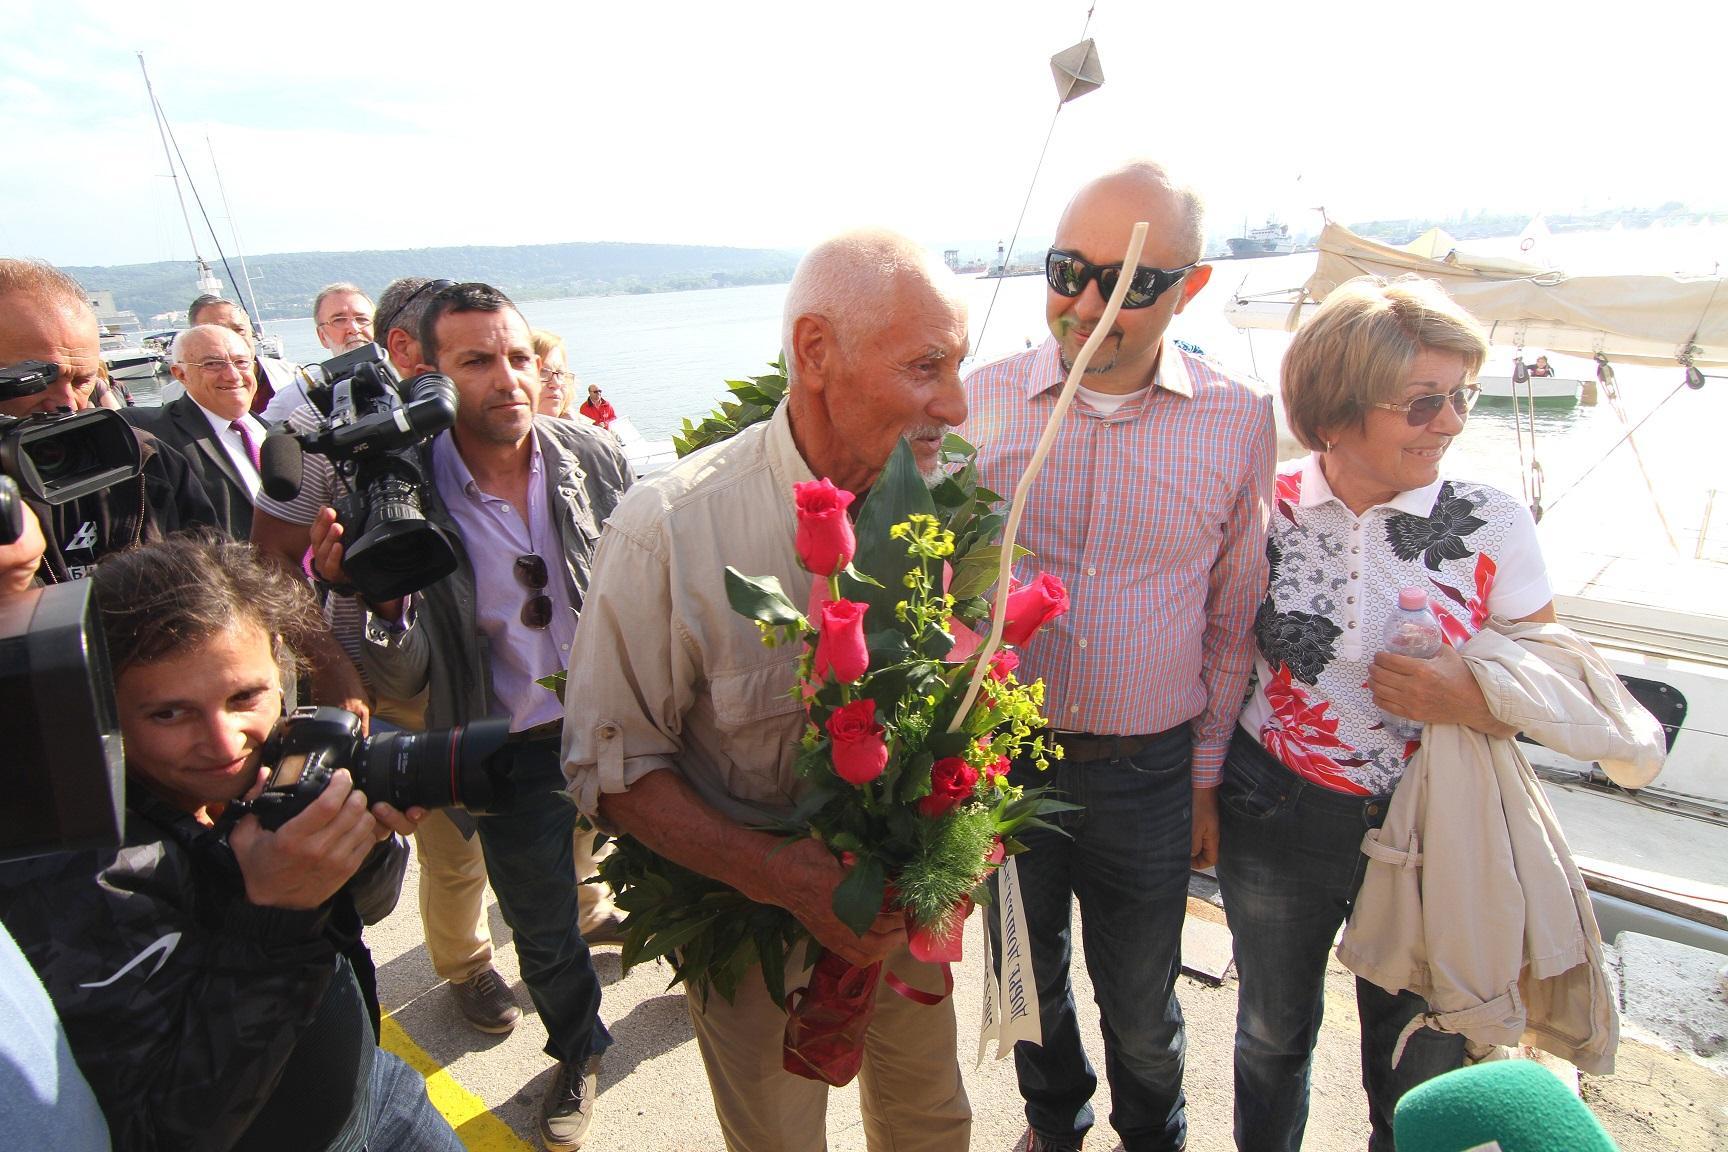 Bulgaria, a 80 anni completa il giro del mondo in solitaria su una barca